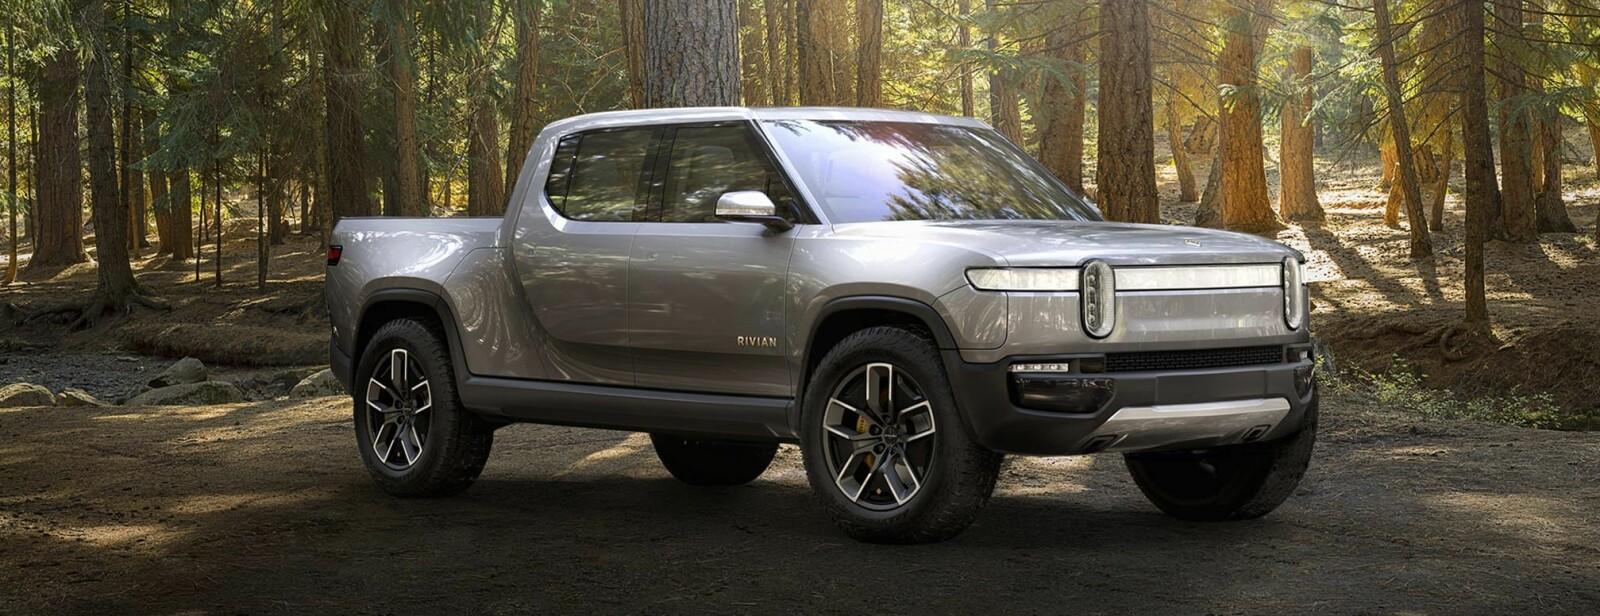 <b>ELEKTRISK PICKUP: </b>Den amerikanske selskapet Rivian har avduket den elektrisk pick-upen R1T som fullstendig parkerer den tradisjonelle pick-up-teknikken.